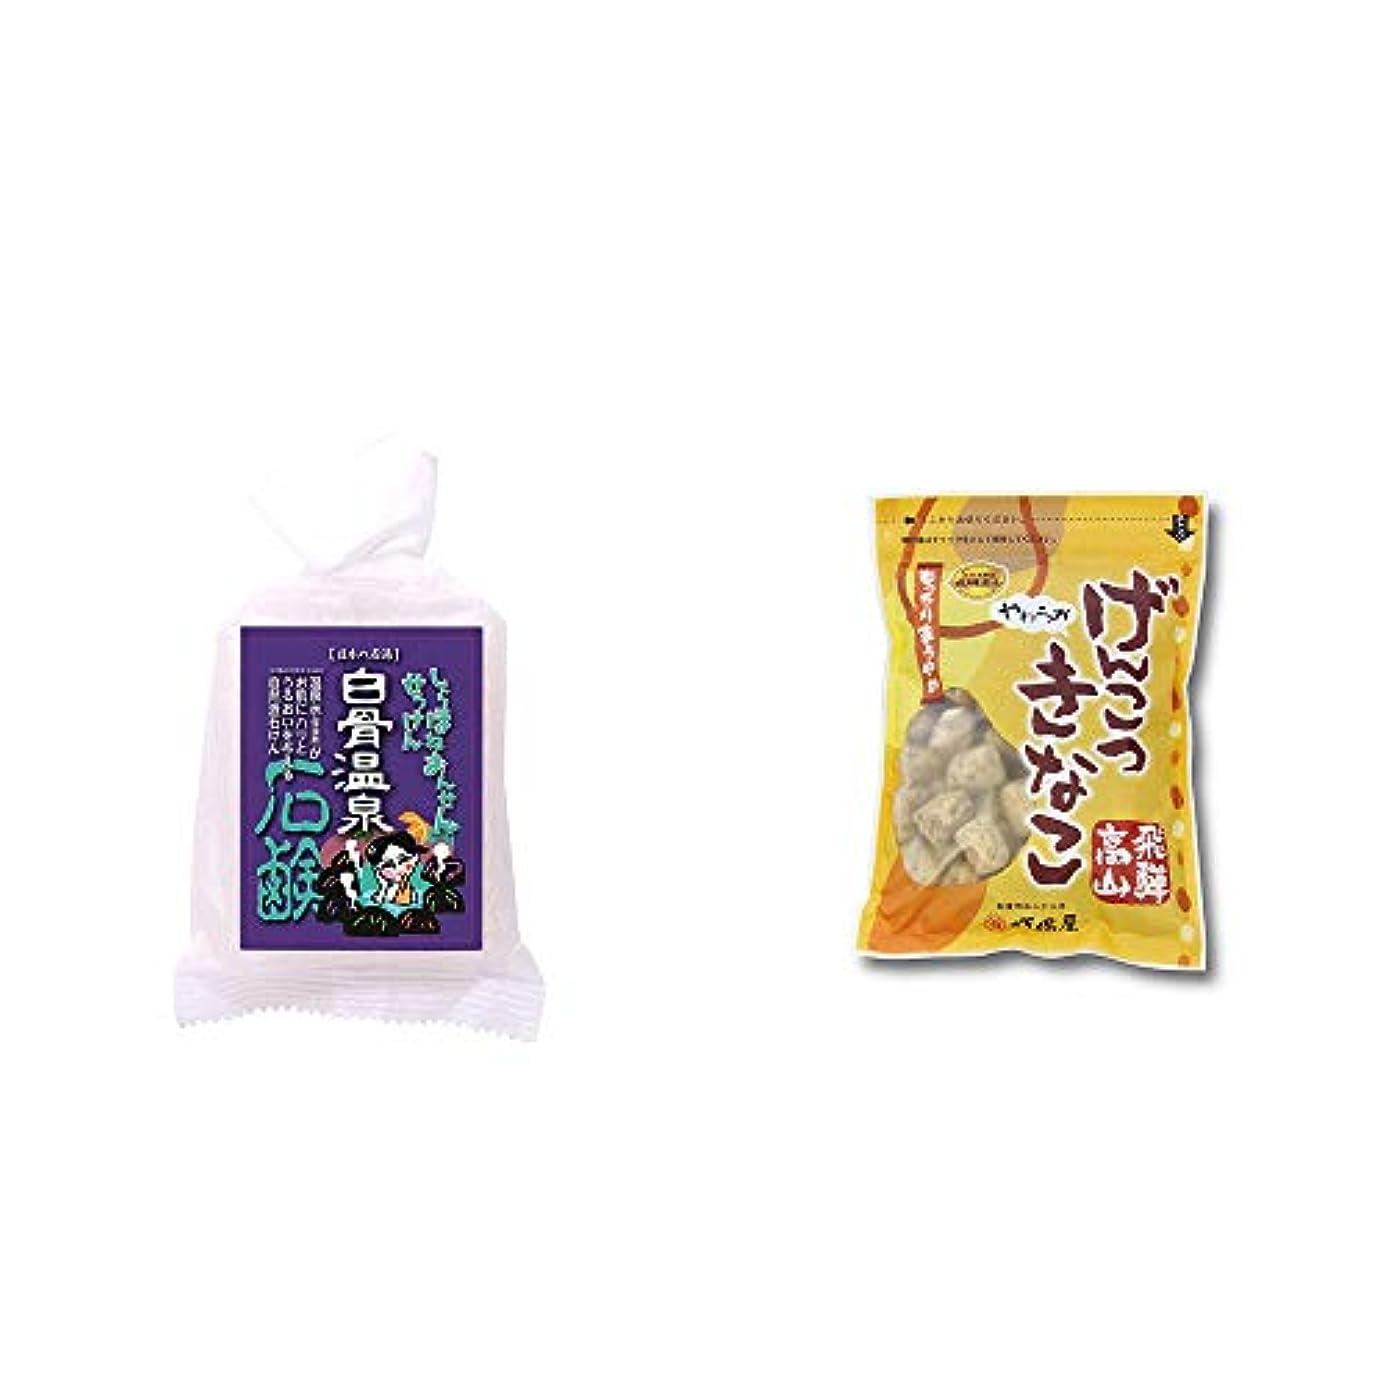 のみなさん悲しいことに[2点セット] 信州 白骨温泉石鹸(80g)?飛騨 打保屋 駄菓子 黒胡麻こくせん(130g)